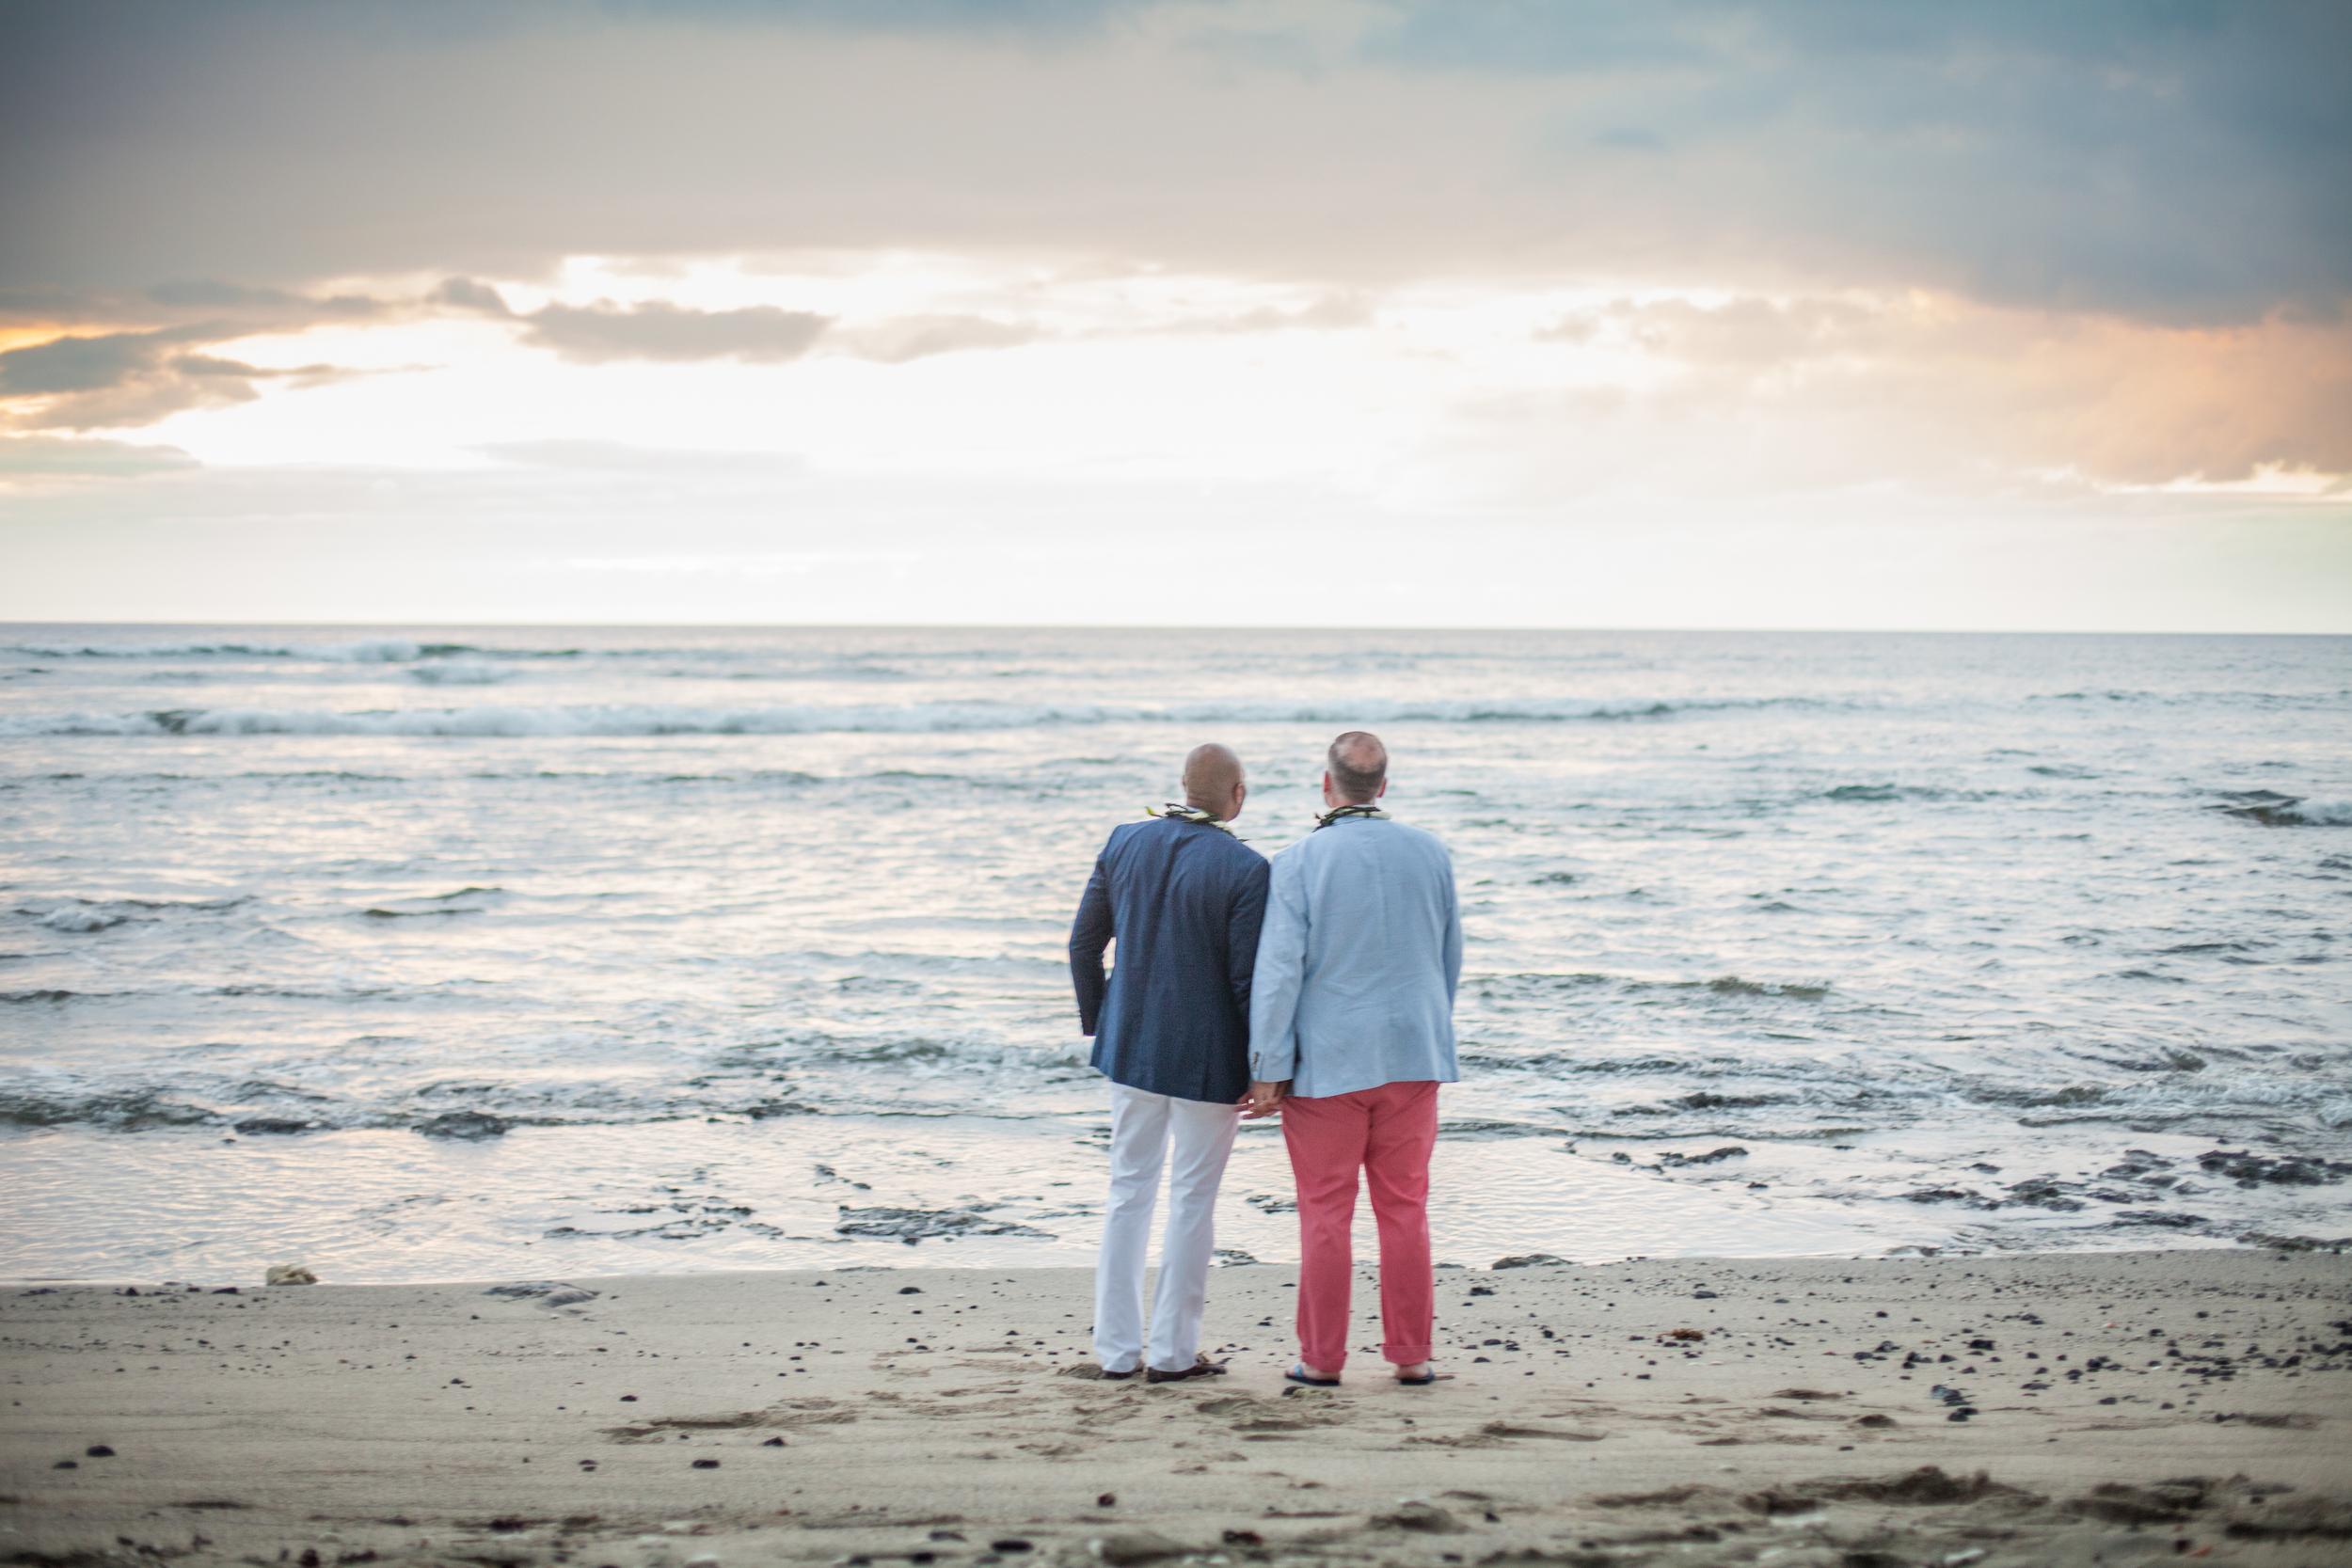 big island hawaii rmauna lani beach wedding © kelilina photography 20160601184935-3.jpg